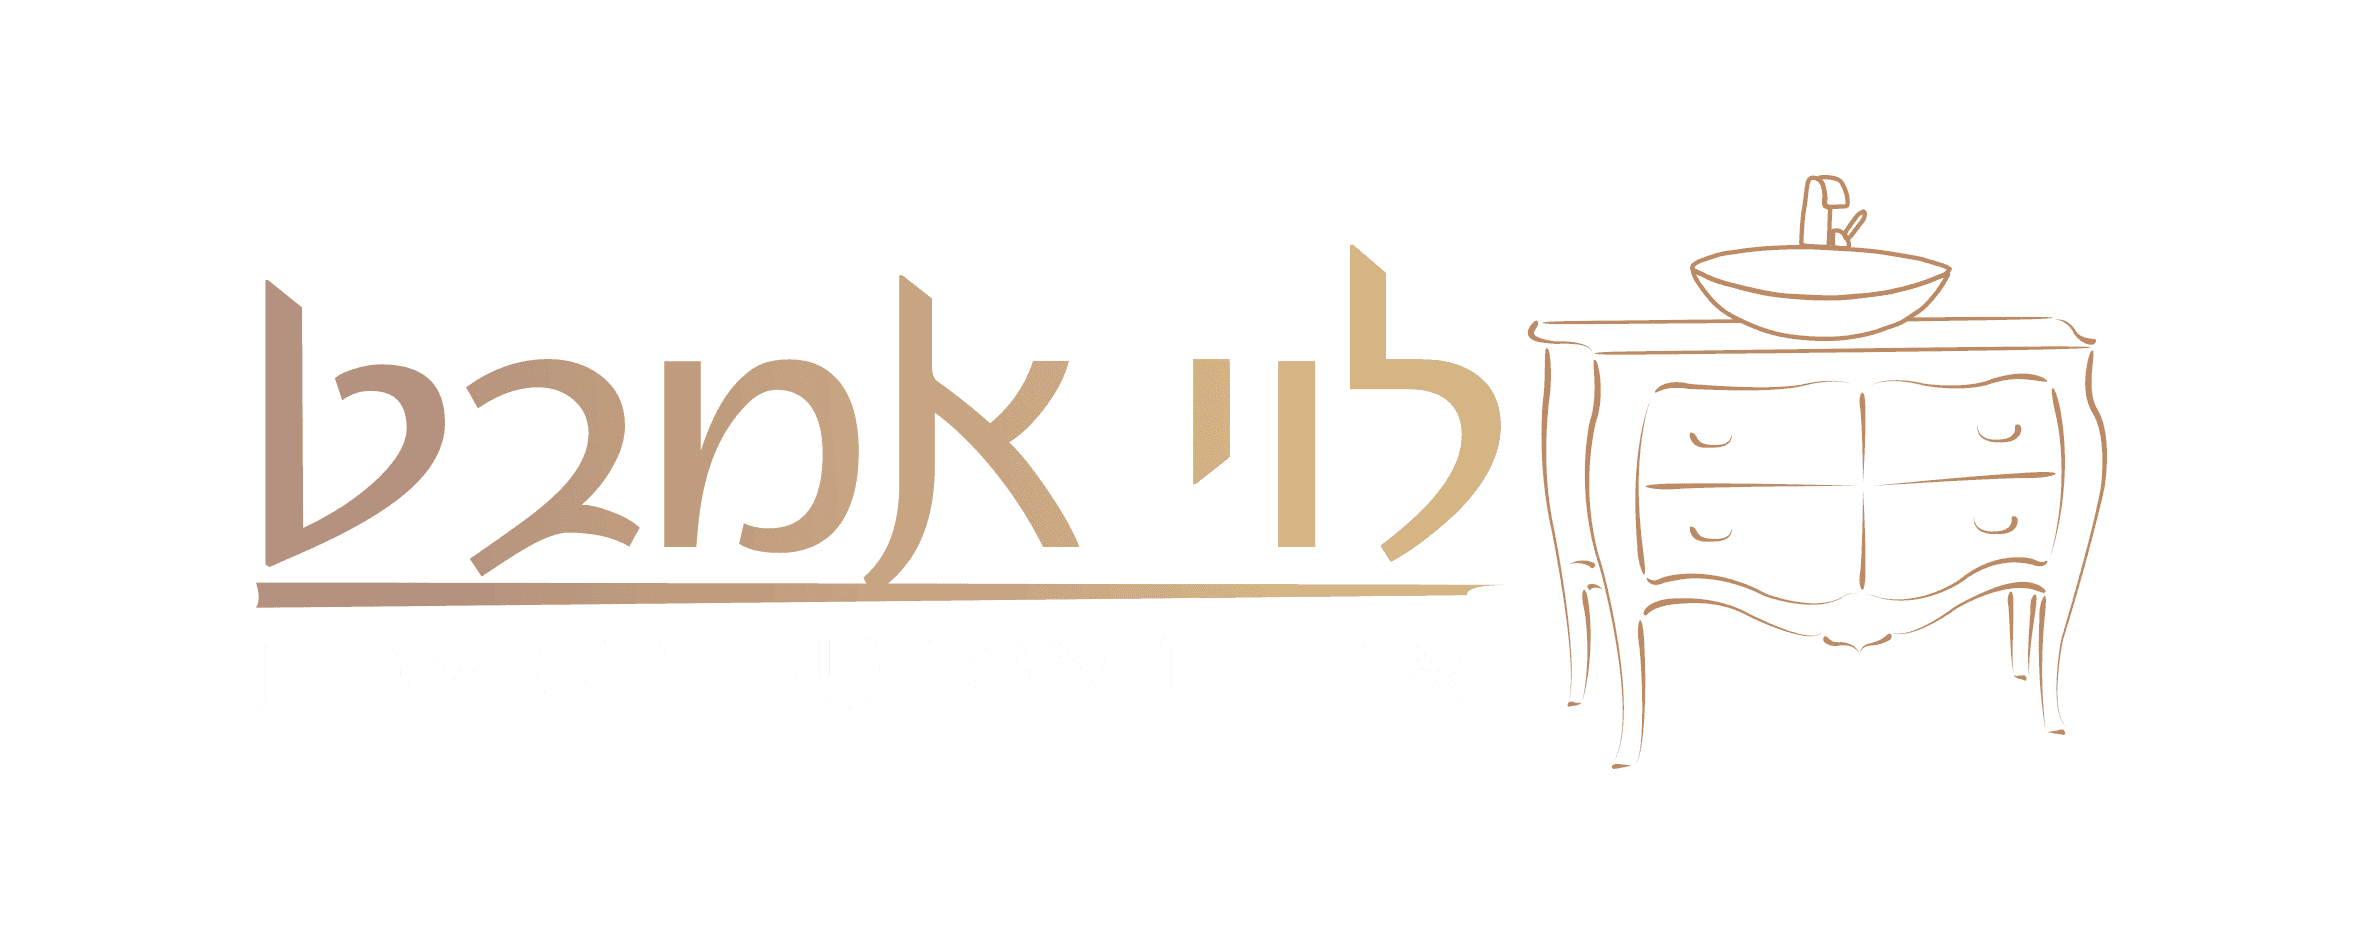 לוי אמבט – ארונות אמבט מעוצבים